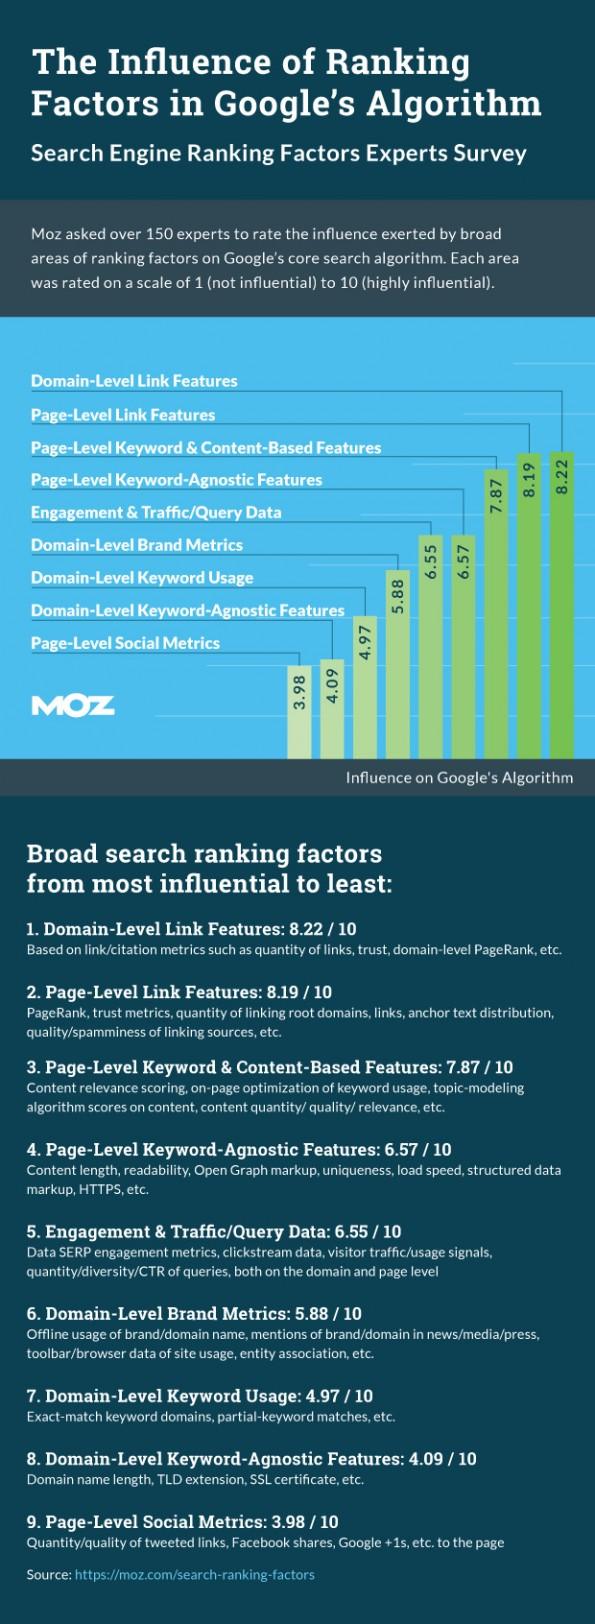 Moz: Die wichtigsten SEO-Rankingfaktoren 2015 nach Sicht der Experten. (Grafik: Moz)